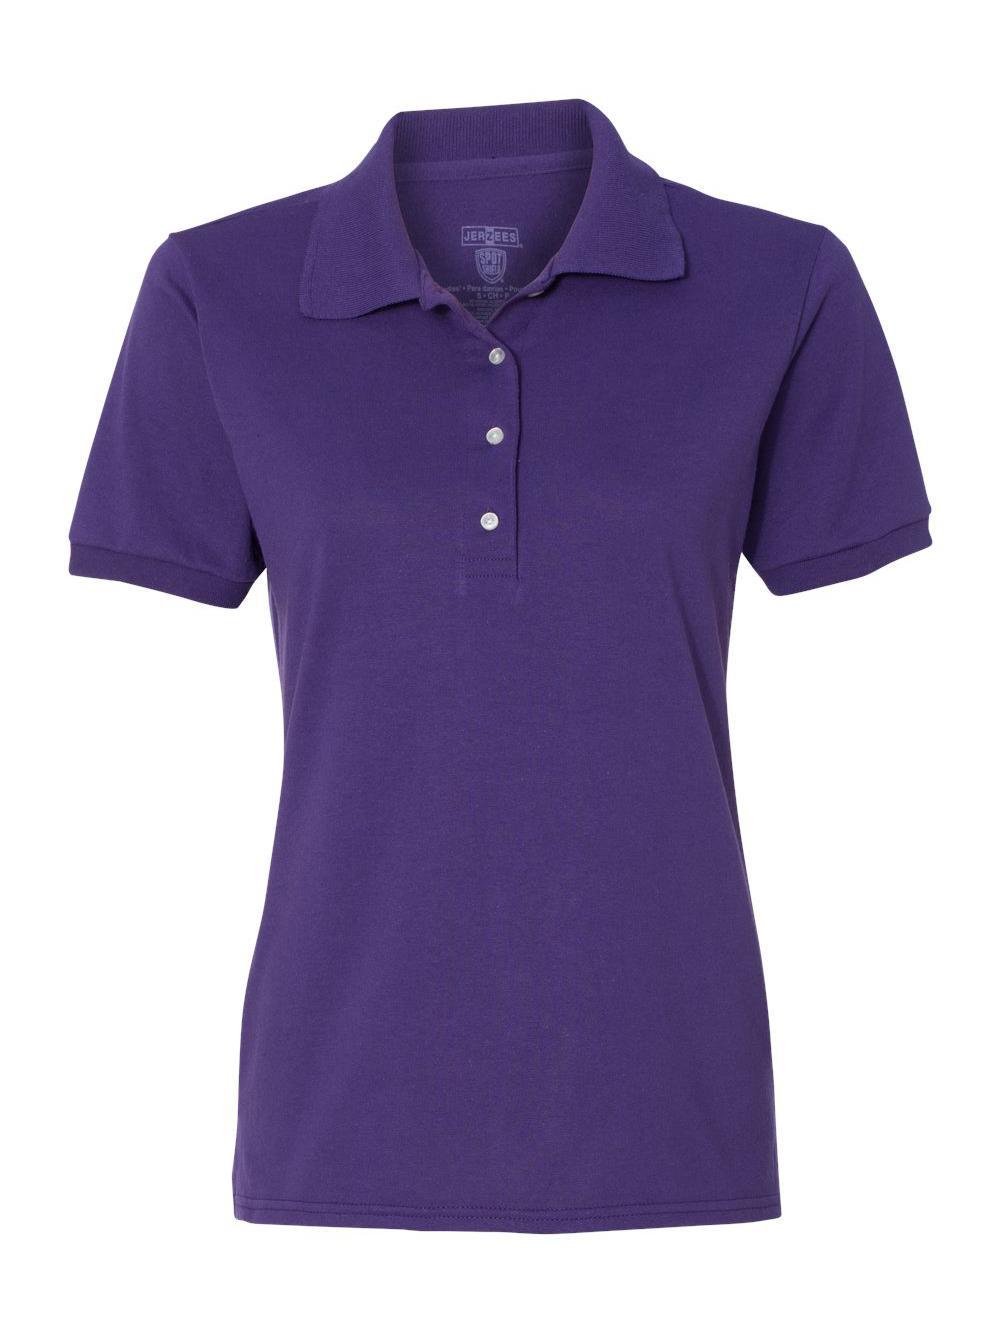 Jerzees-Women-039-s-Spotshield-50-50-Sport-Shirt-437WR thumbnail 9